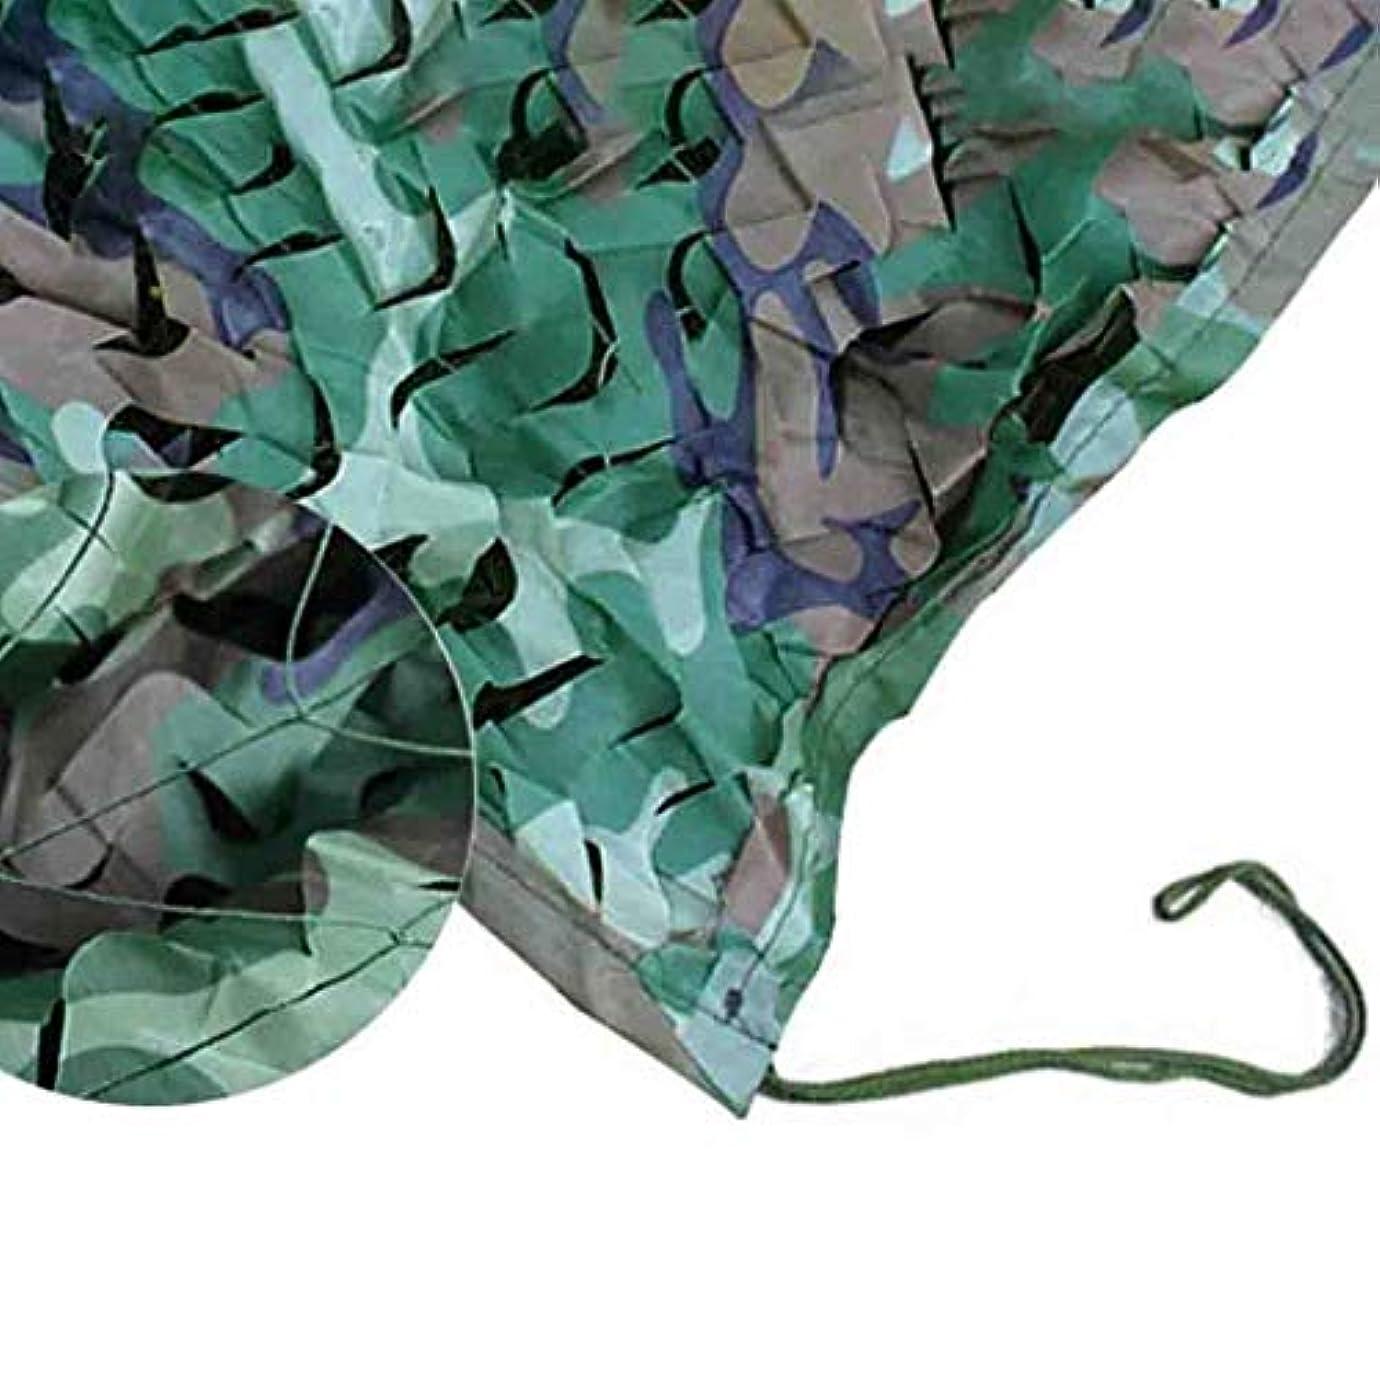 気付くビリー今までHSBAIS 軍事 迷彩柄 カモフラージュネット 偽装網、ウッドランドのブラインド遮光ネット キャンプ 射撃 ハンティング 隠蔽 サバイバルゲーム,green_5x6m(16x20ft)